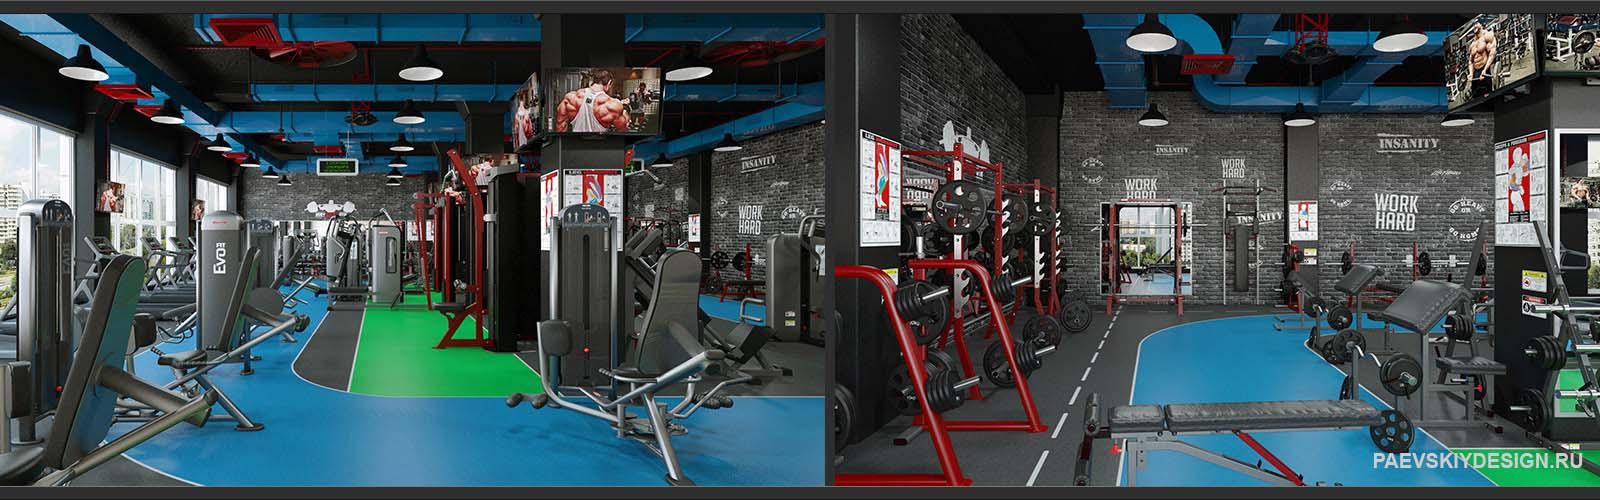 Дизайн фитнесс центра. Современное оформление тренажерного зала